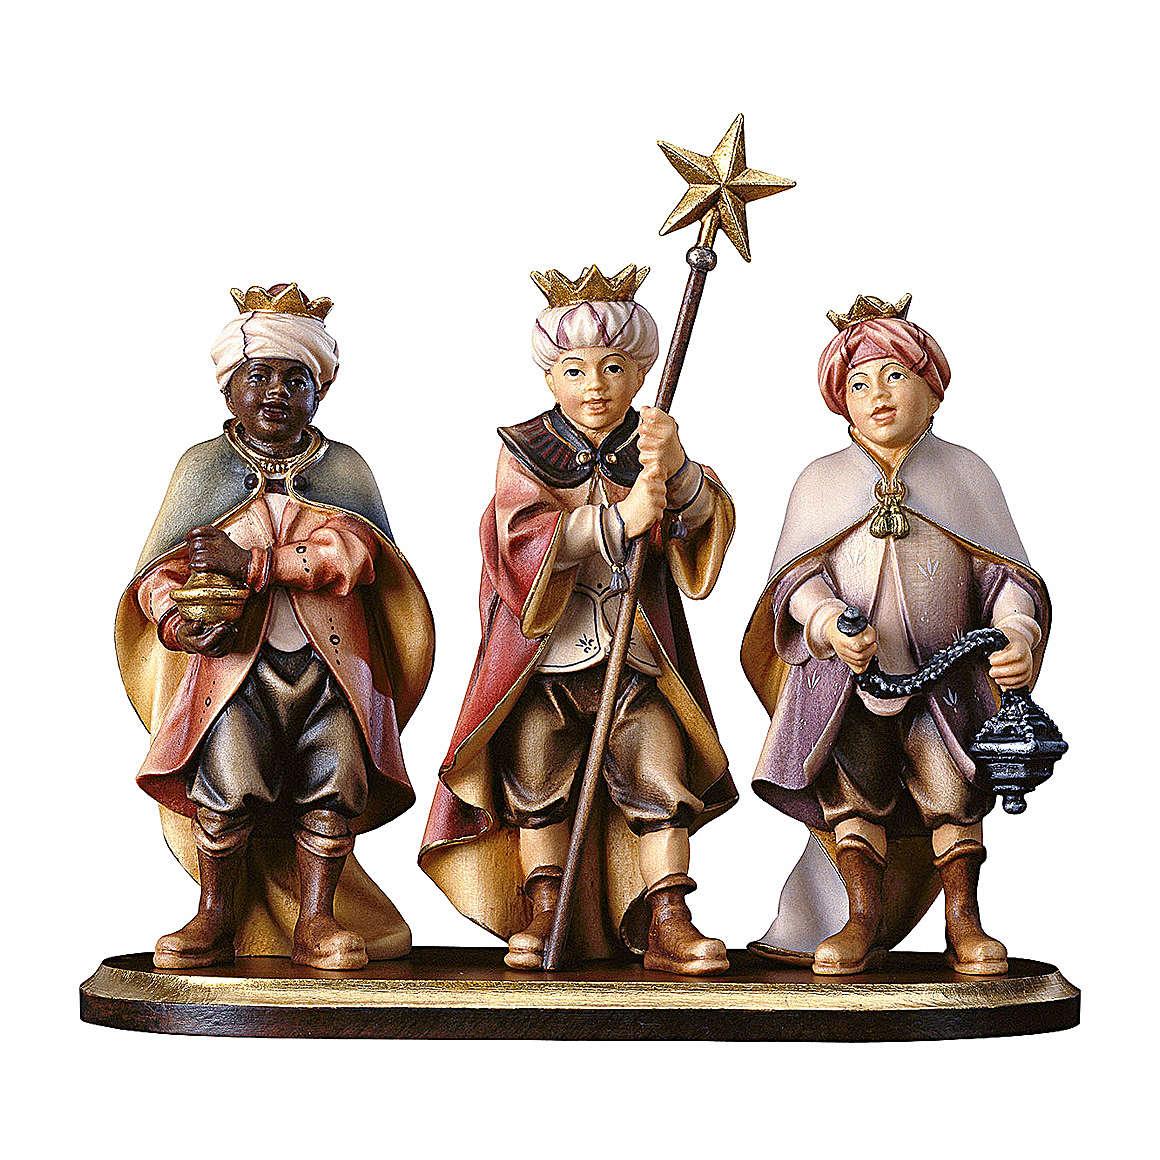 Tre piccoli cantori su piedistallo presepe Original Pastore legno dipinto in Val Gardena 10 cm 4